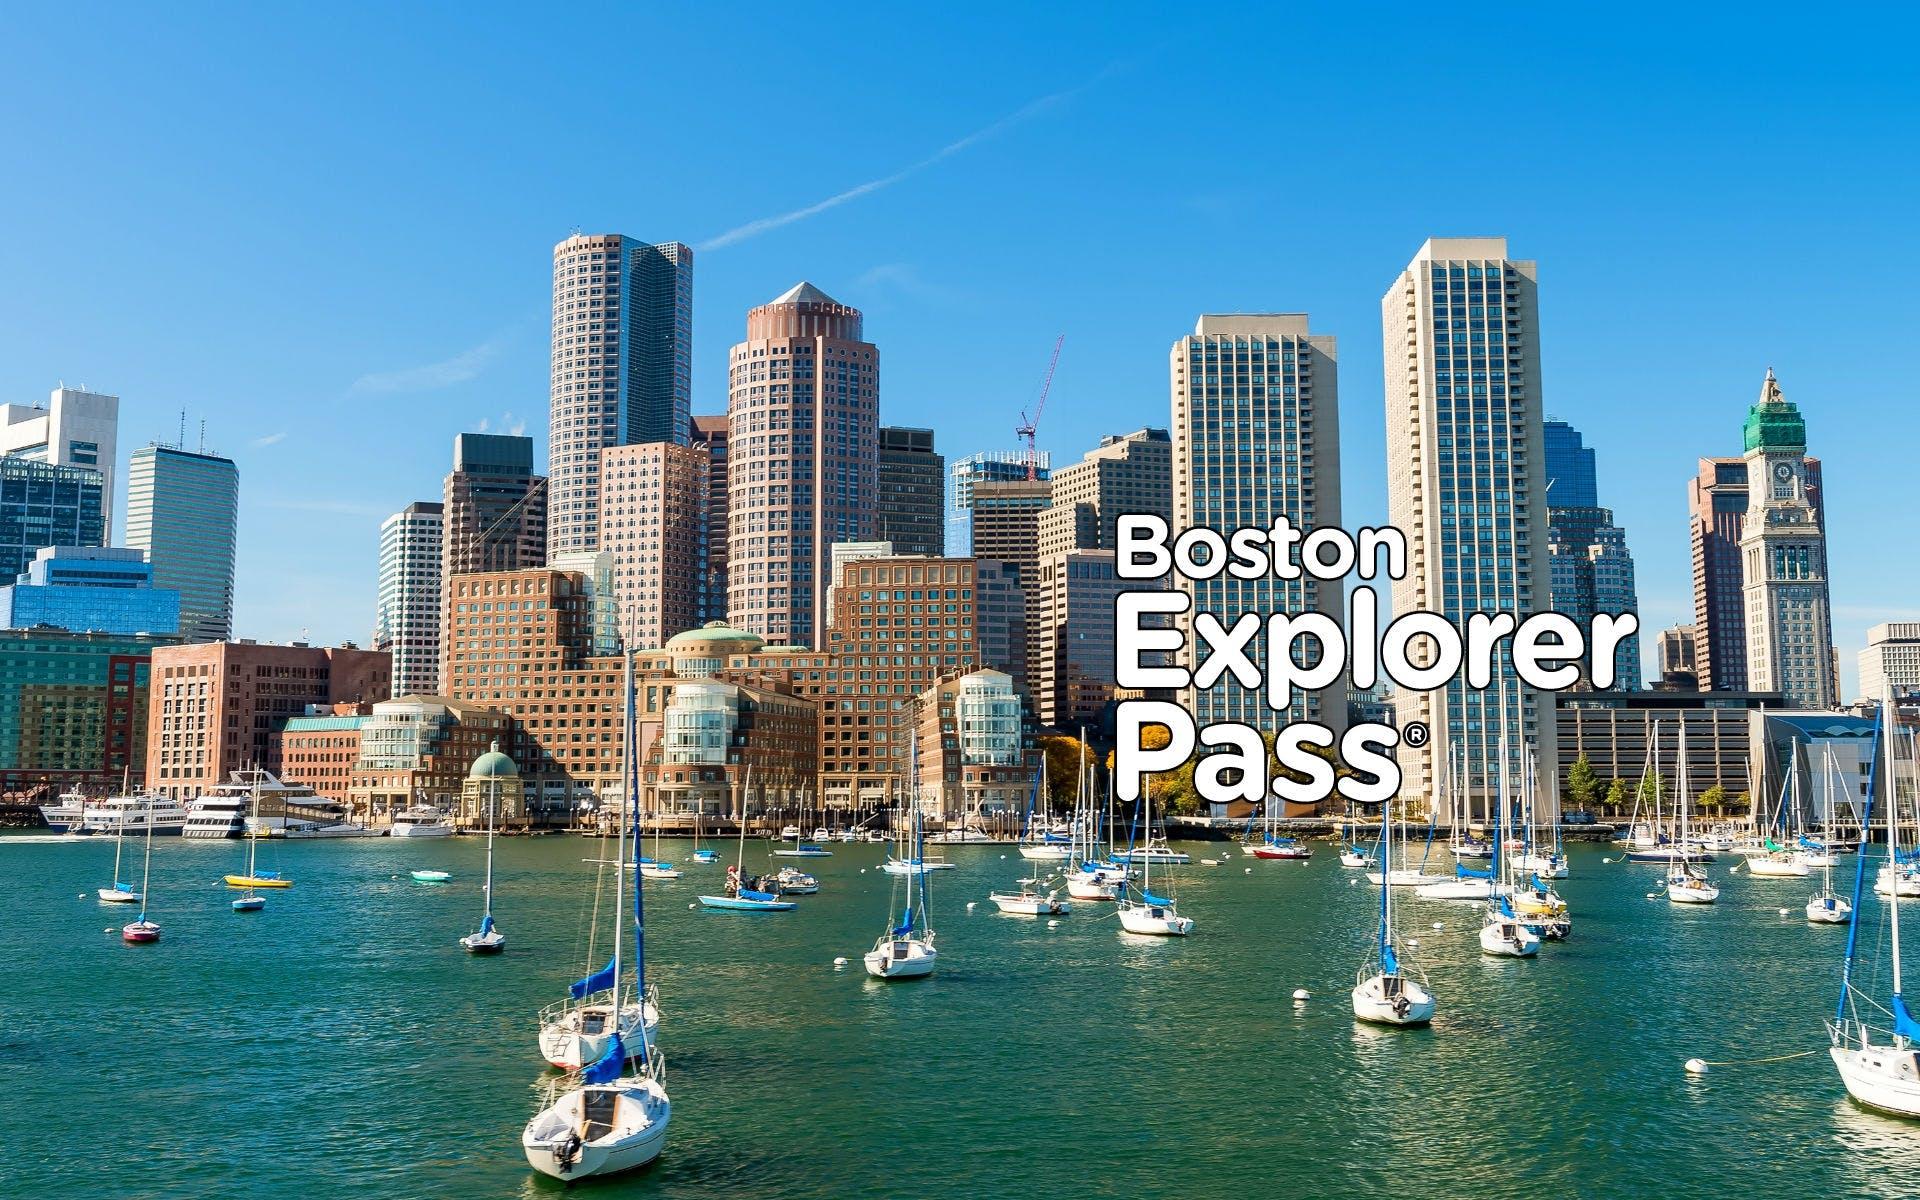 Ver la ciudad,Tickets, museos, atracciones,Pases de ciudad,Entradas a atracciones principales,Boston City Pass